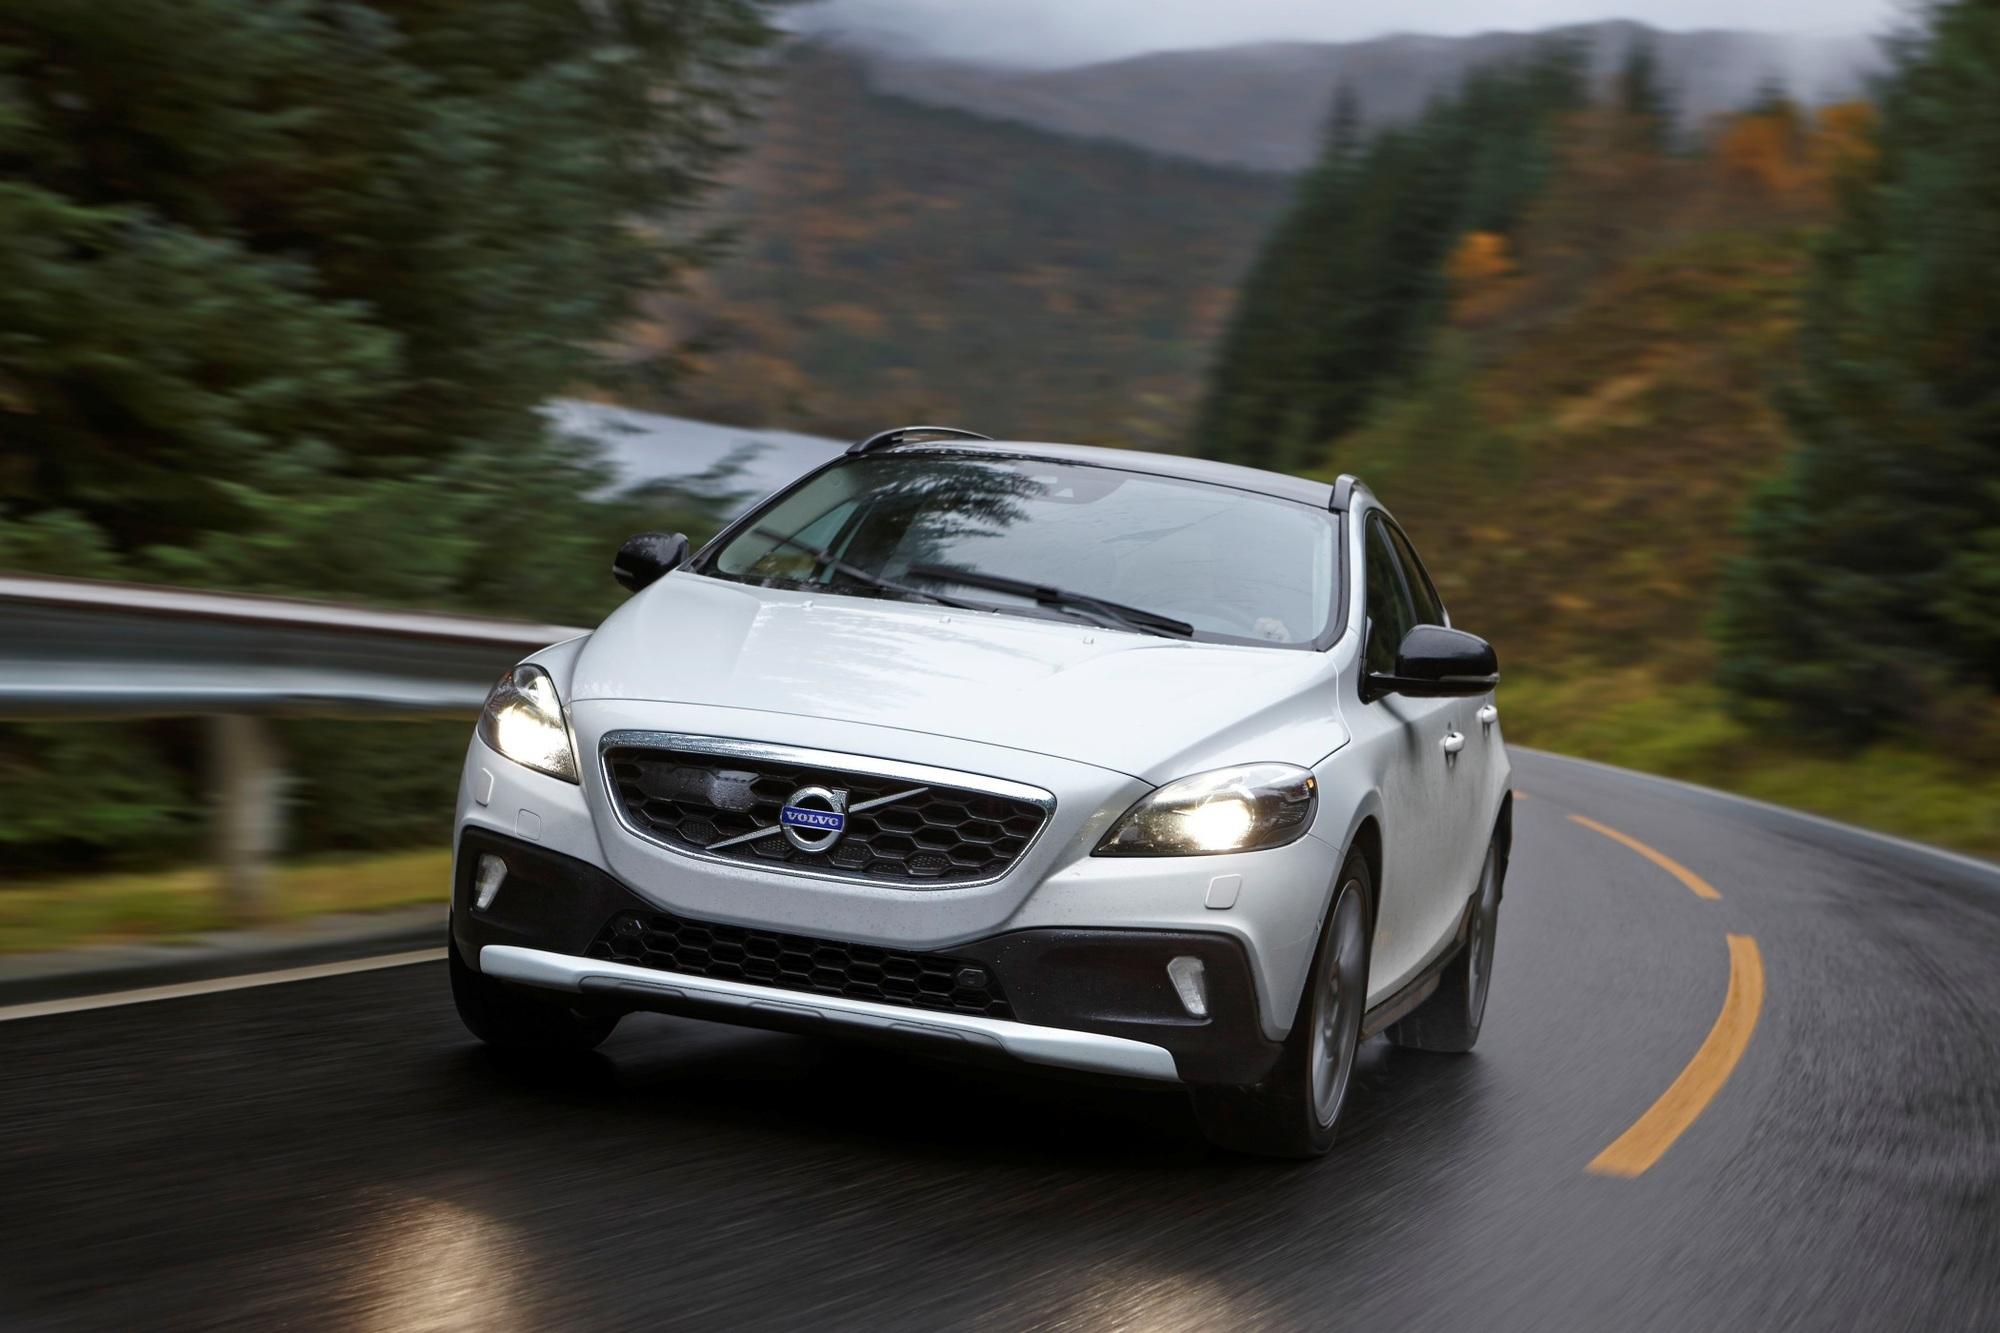 Test: Volvo V40 Cross Country T5 AWD - Das schwedische Natur-Bürschchen